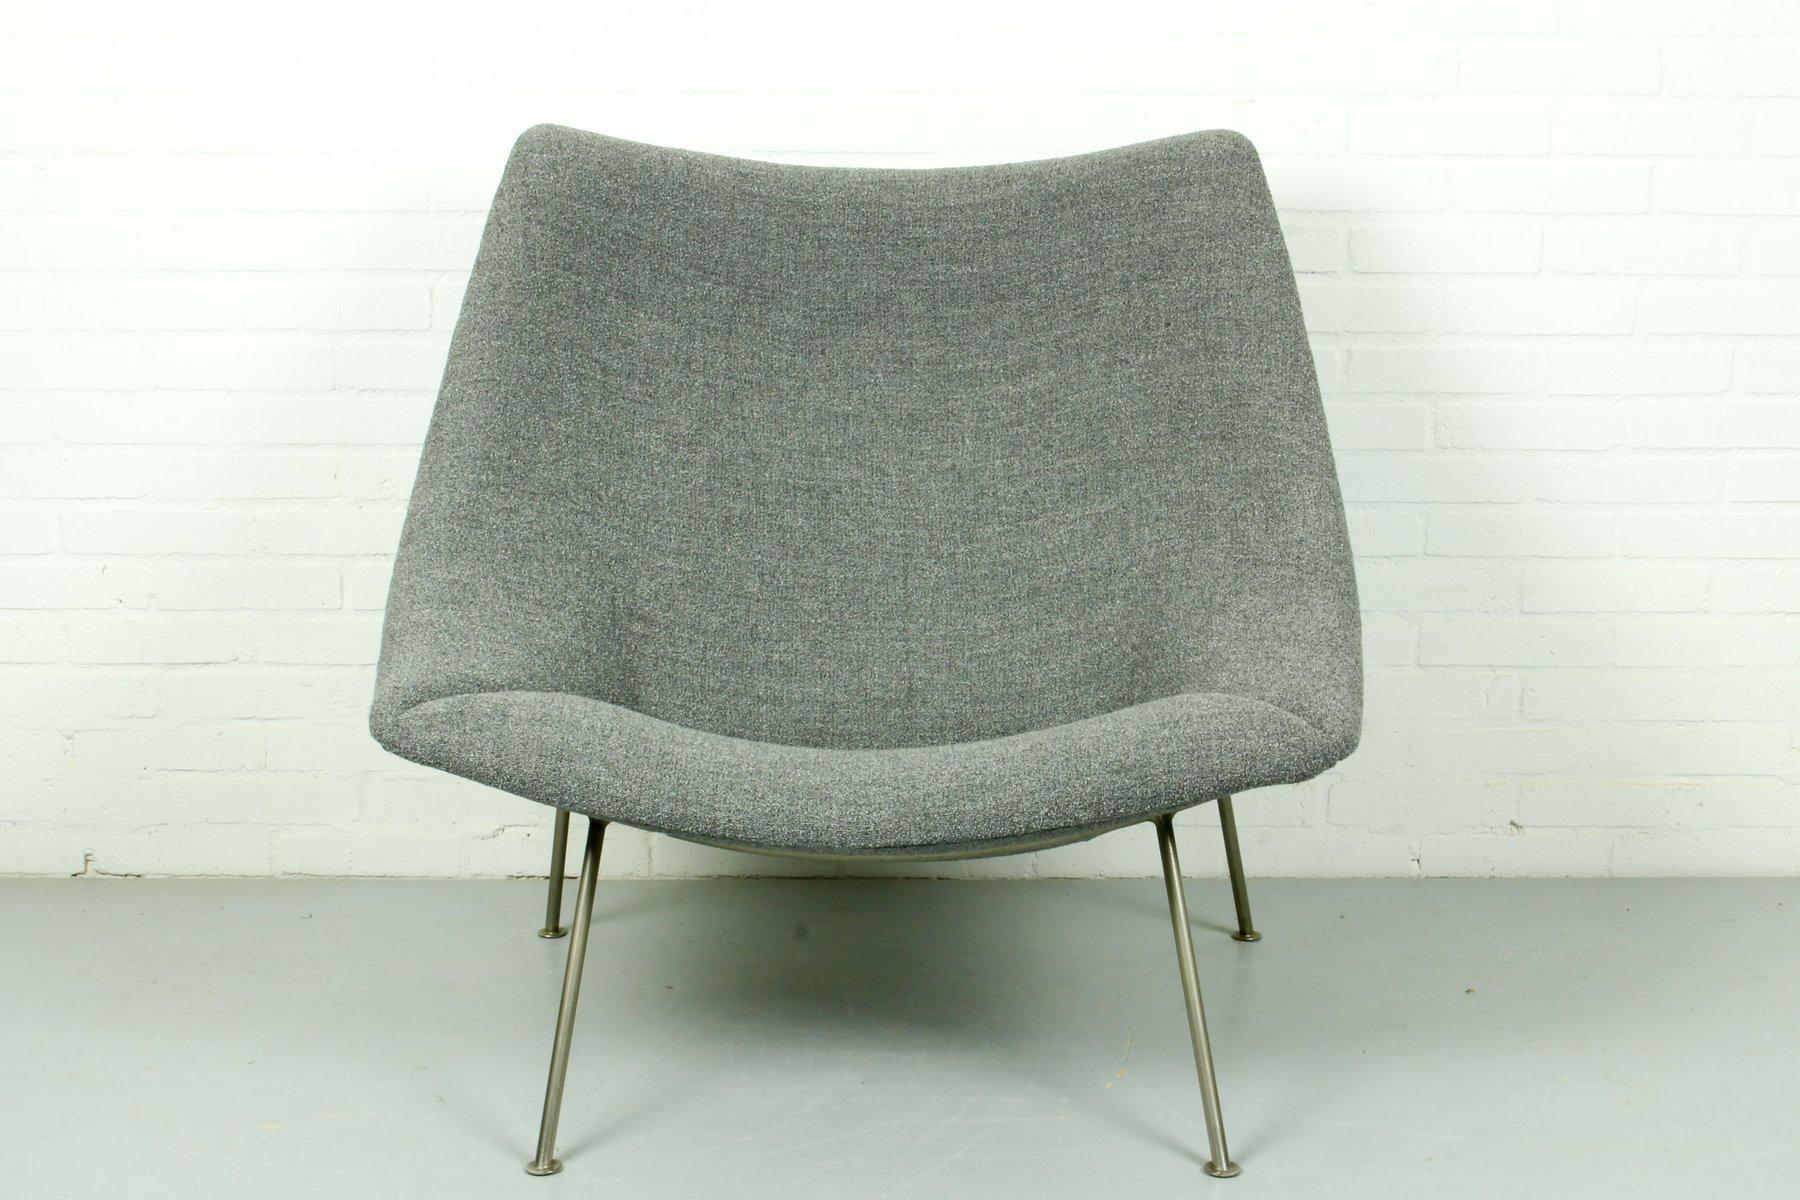 chaise mod le oyster vintage par pierre paulin pour artifort 1950s en vente sur pamono. Black Bedroom Furniture Sets. Home Design Ideas